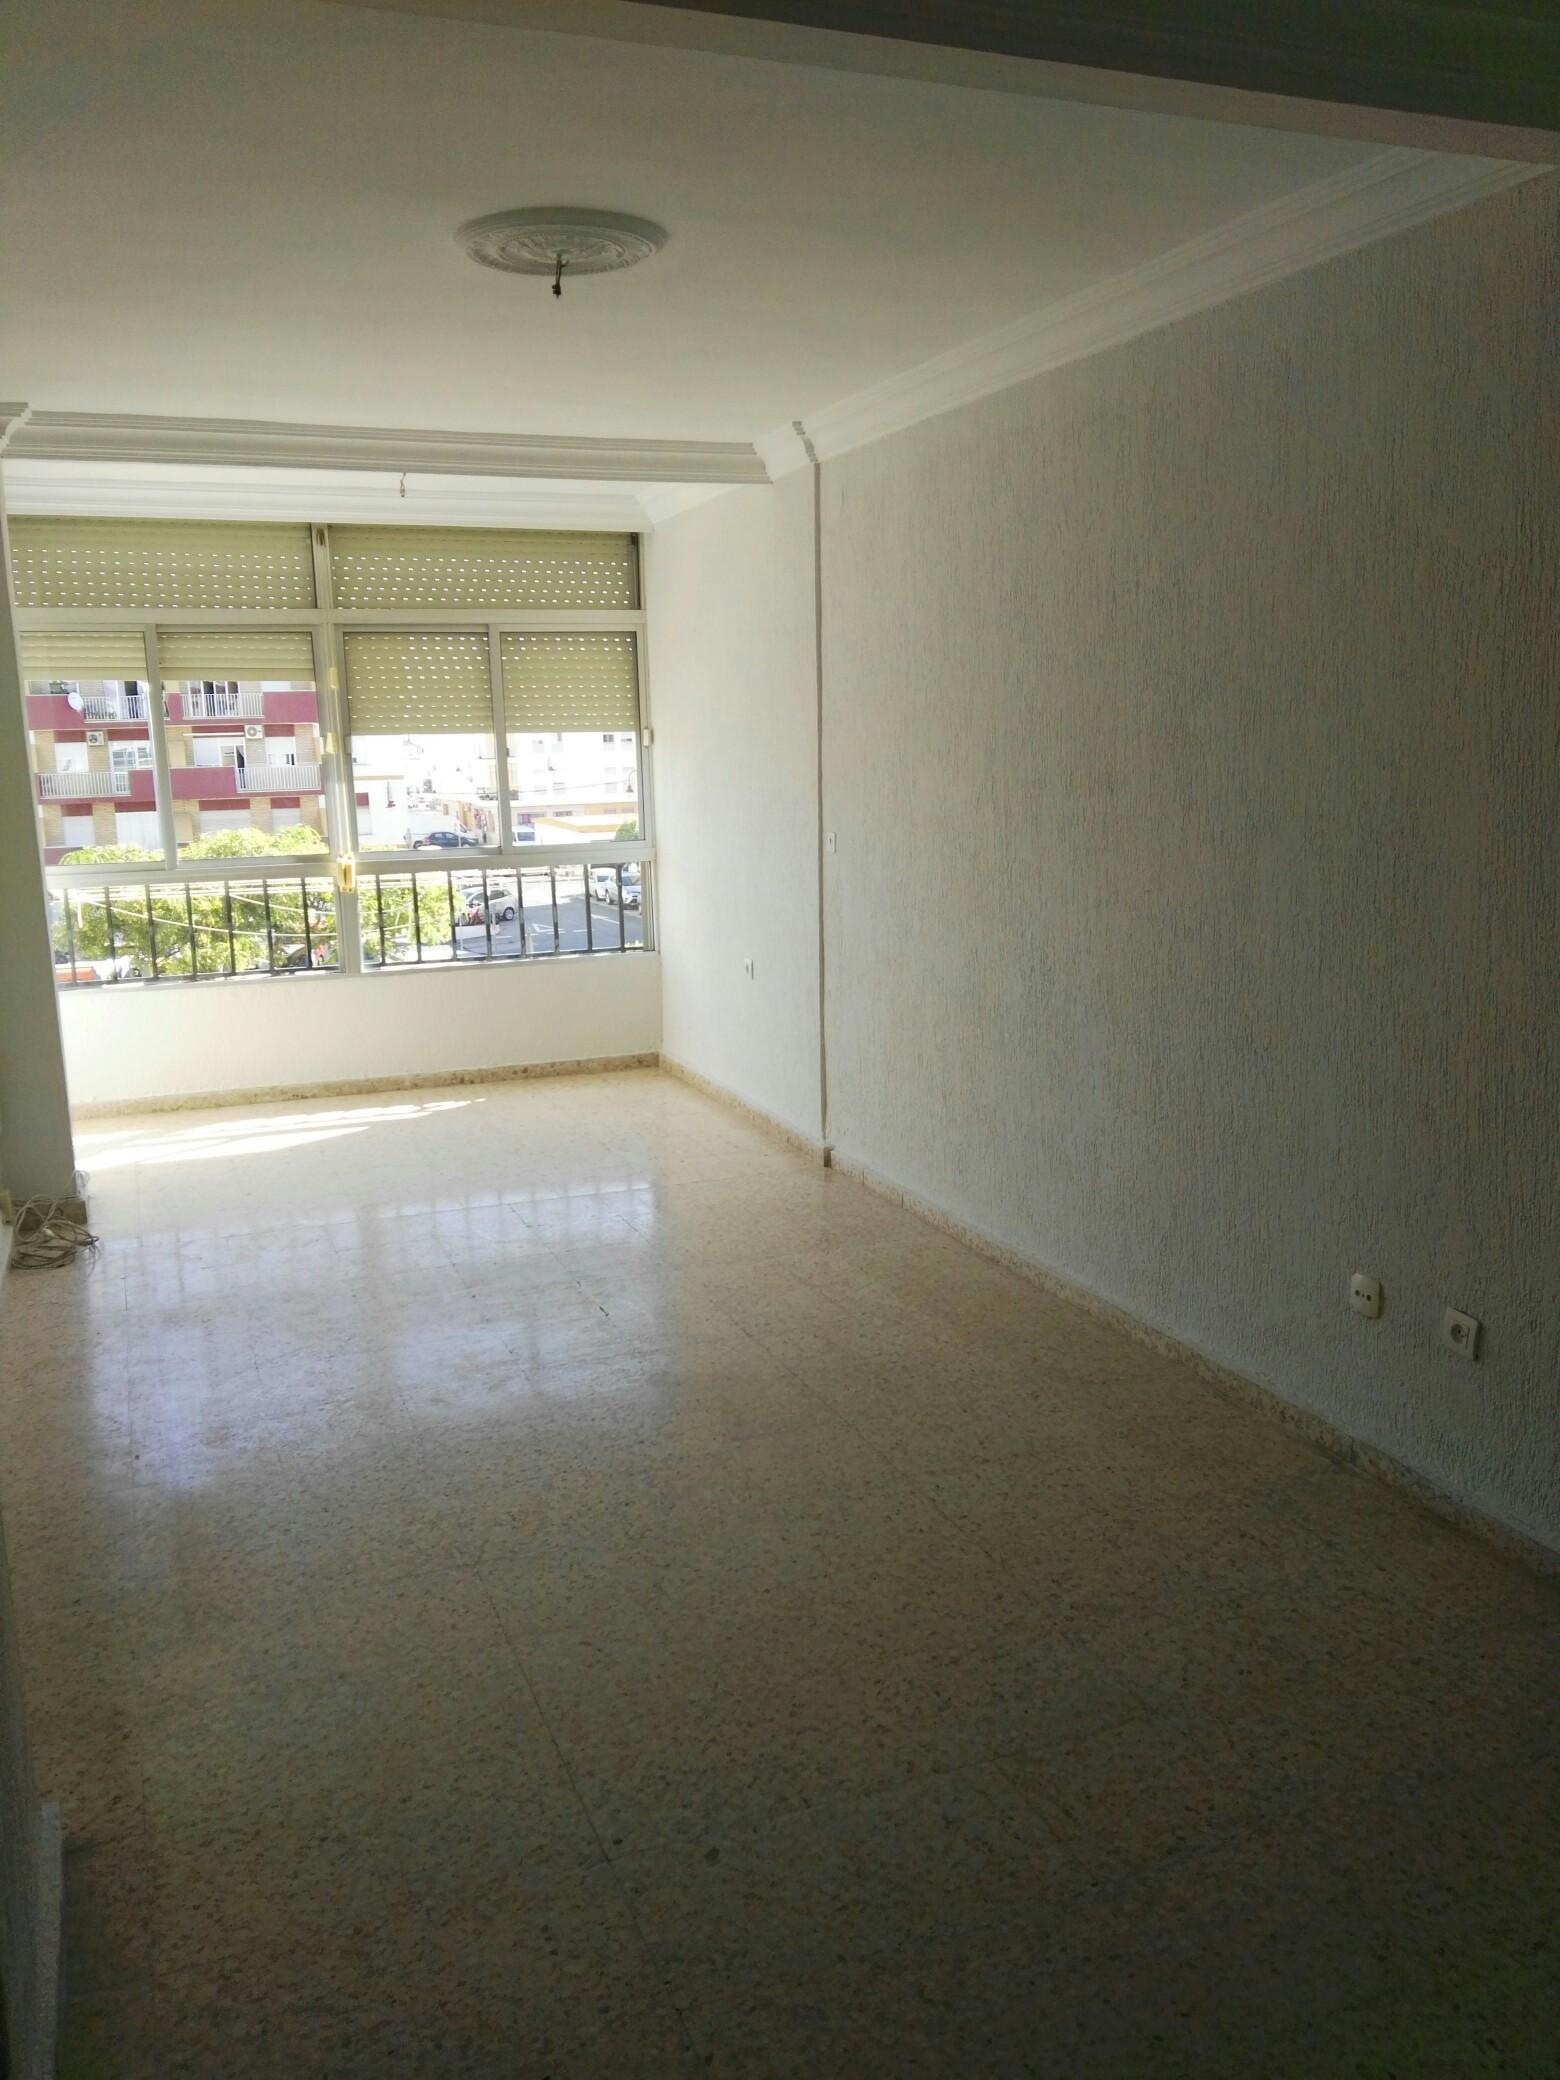 Piso en venta en Ayamonte, Huelva, Calle Punta Umbría, 70.000 €, 3 habitaciones, 1 baño, 93 m2